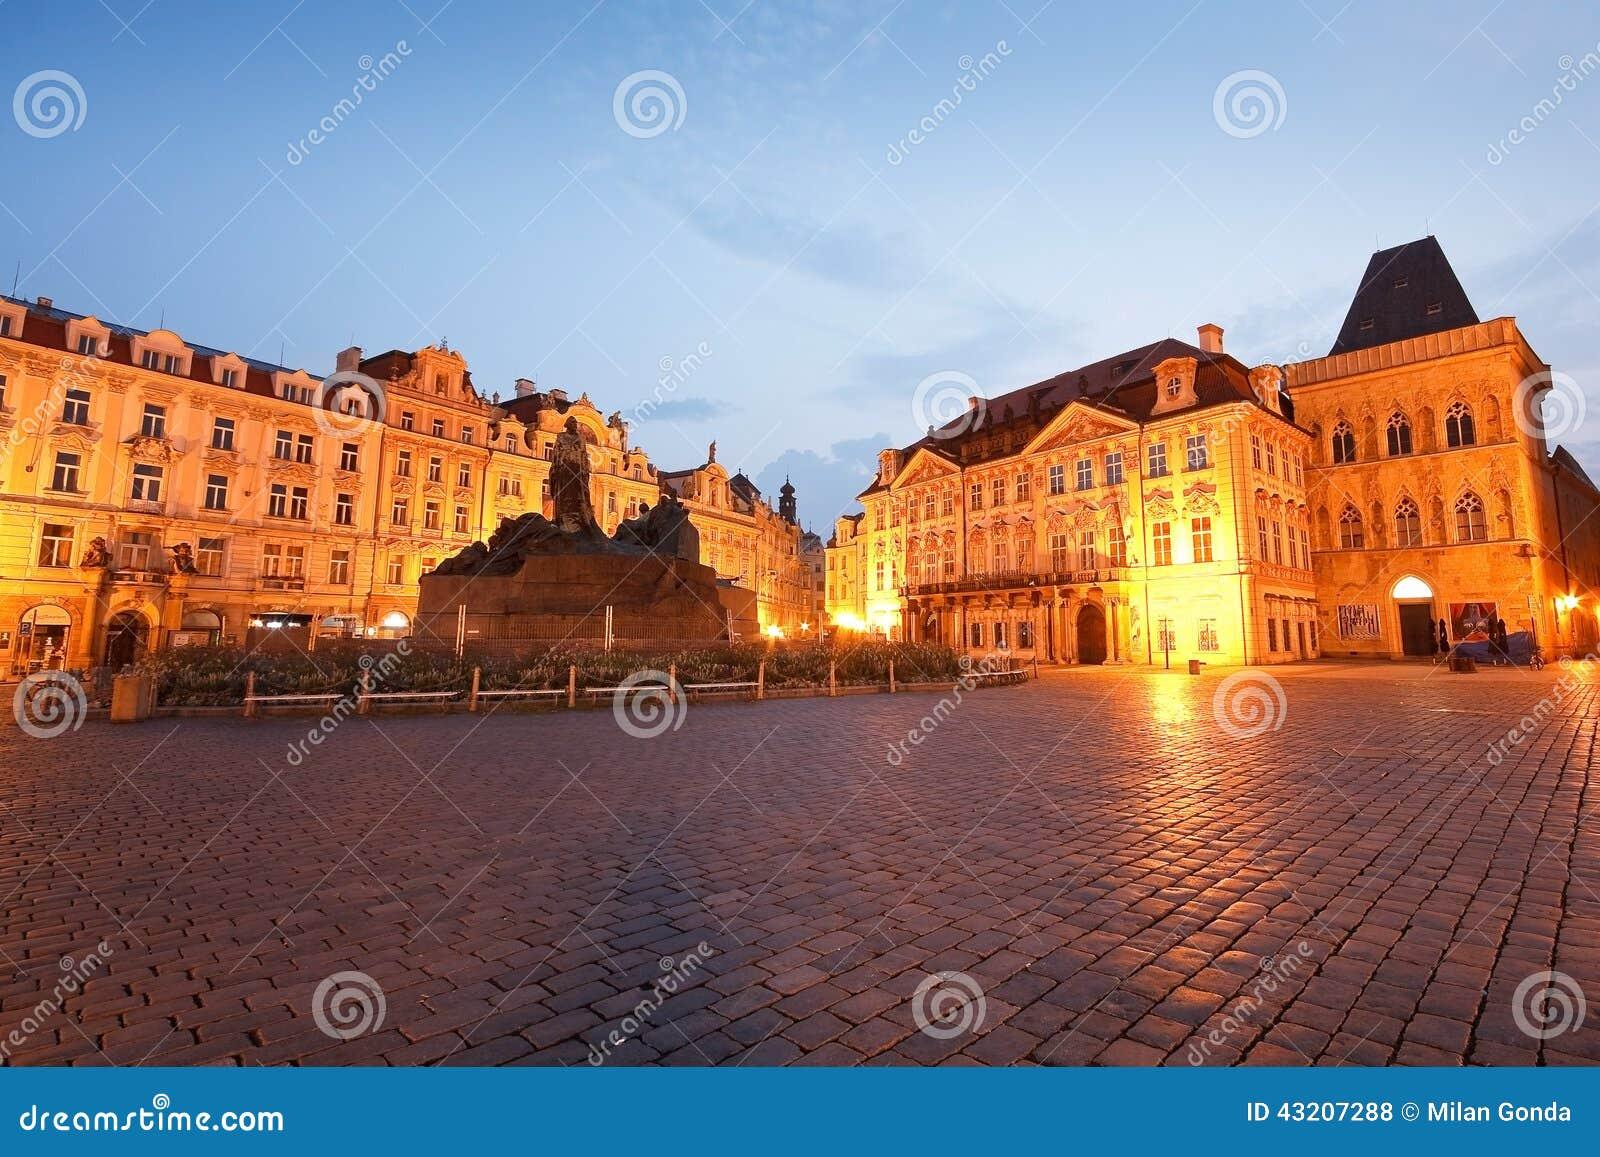 Download Prague tjeckisk republik redaktionell arkivfoto. Bild av huvud - 43207288